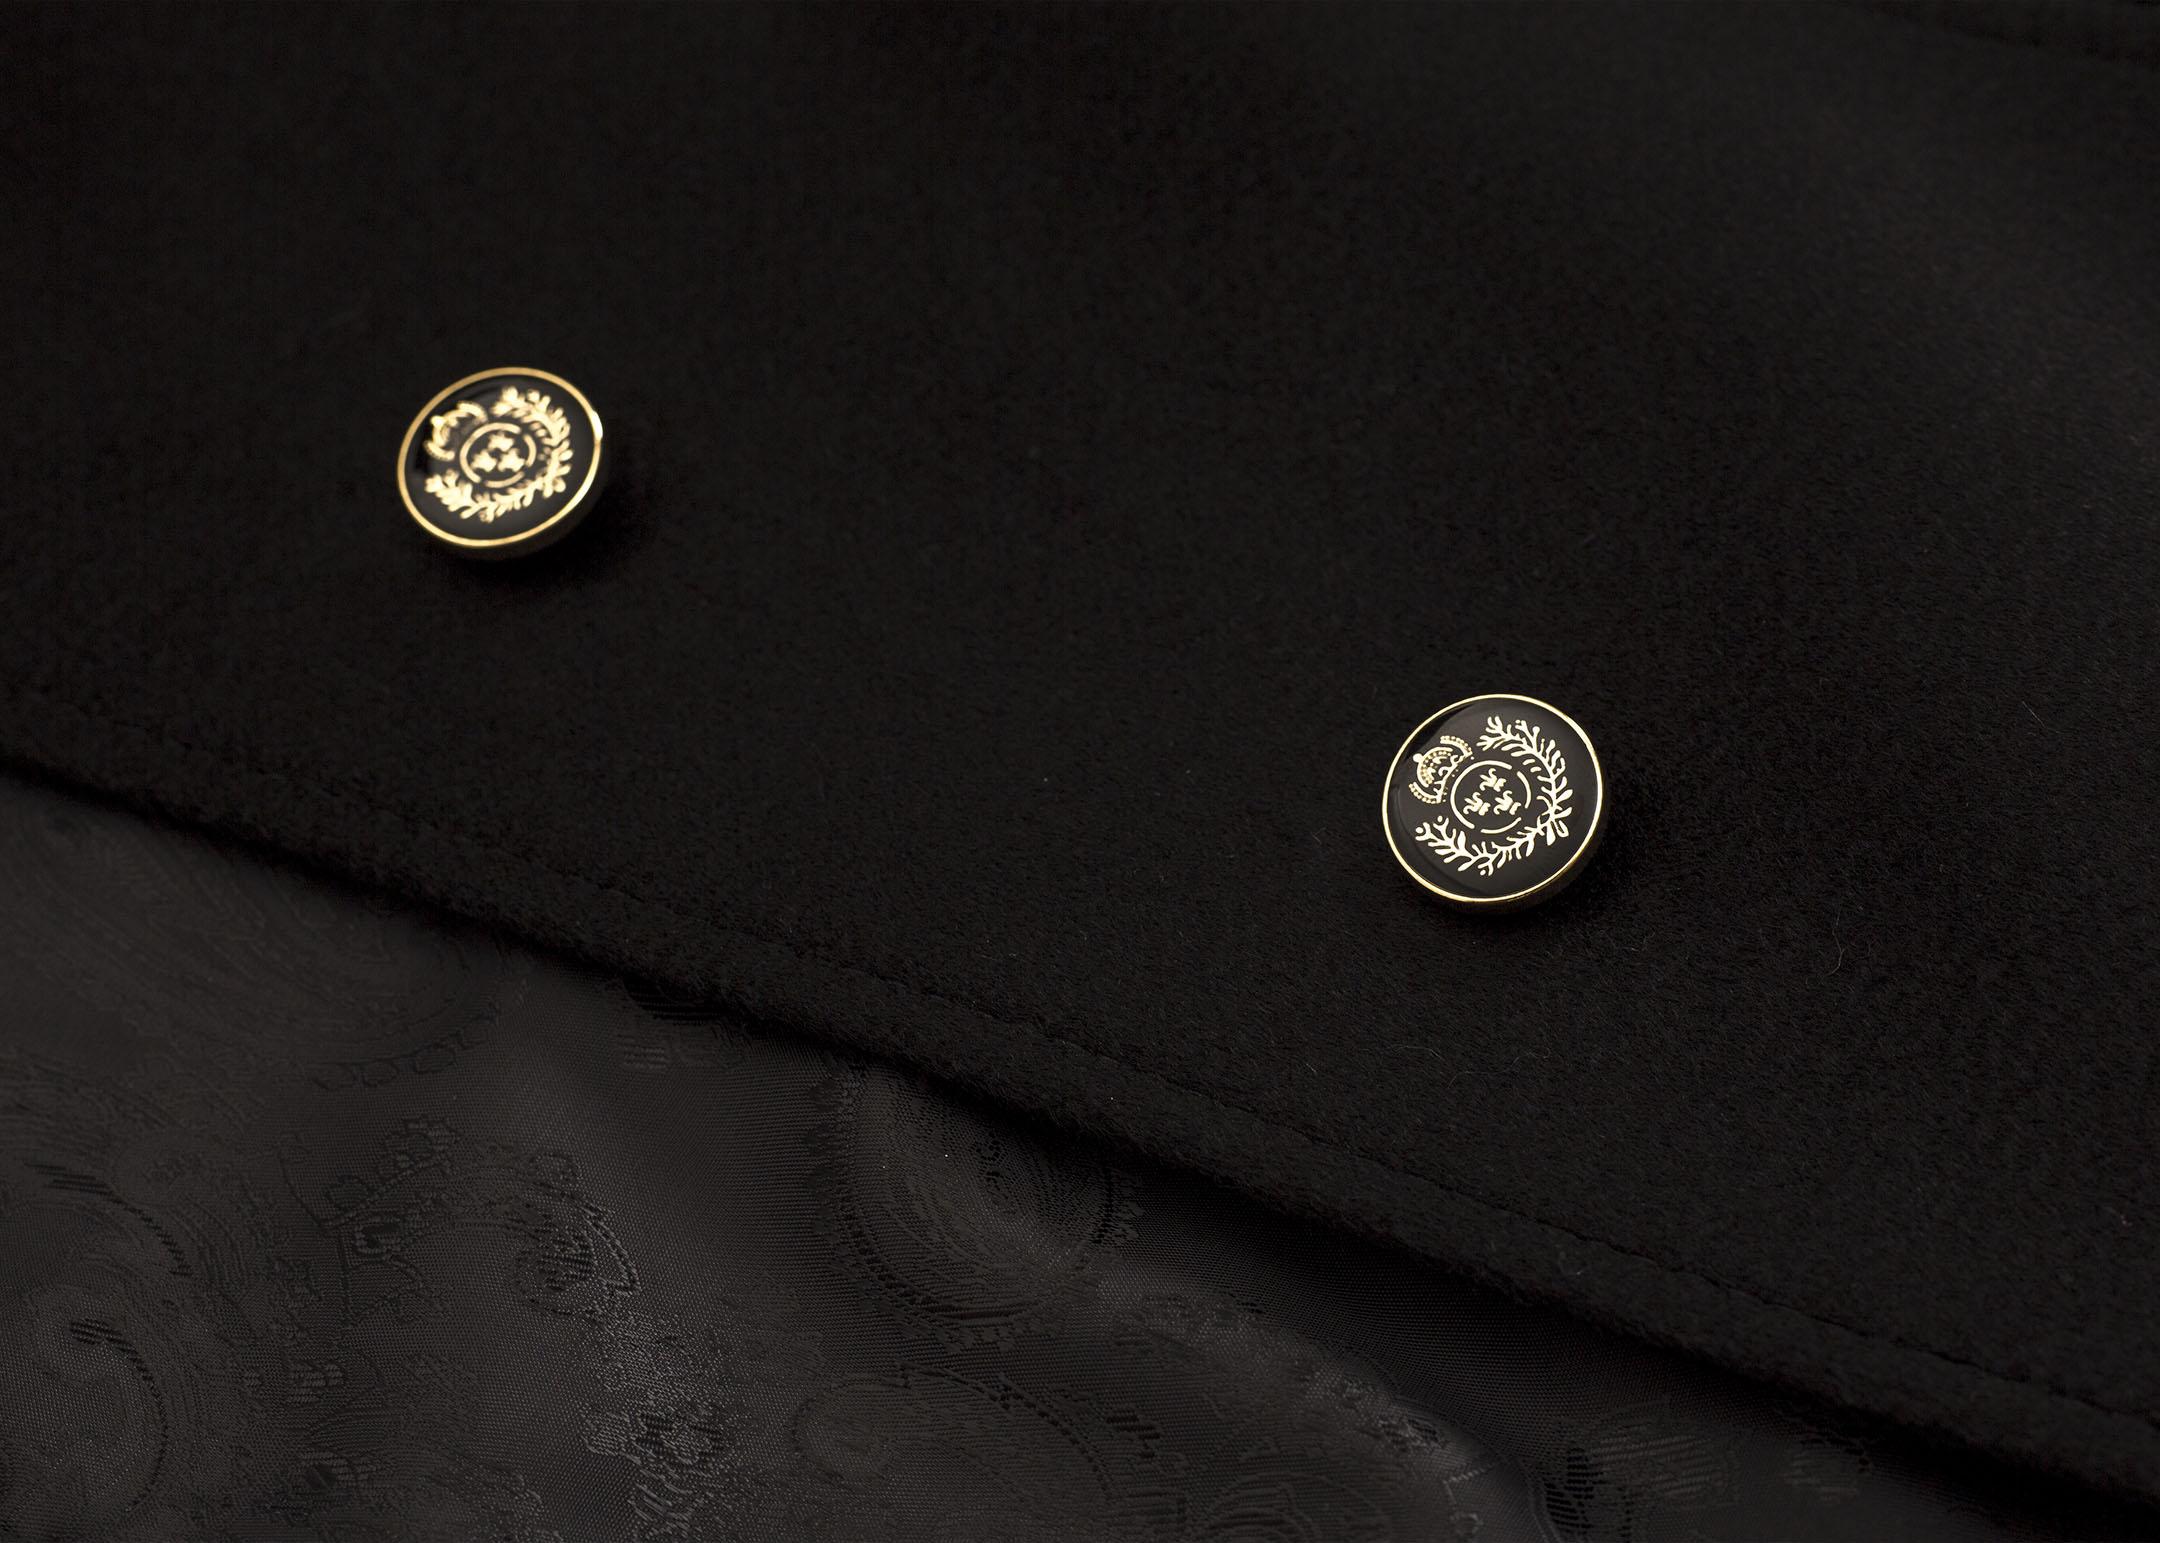 Meldes De Luxe – Manteau 100% cachemire cintré large col tailleur – Noir - Réf: 455-2-01